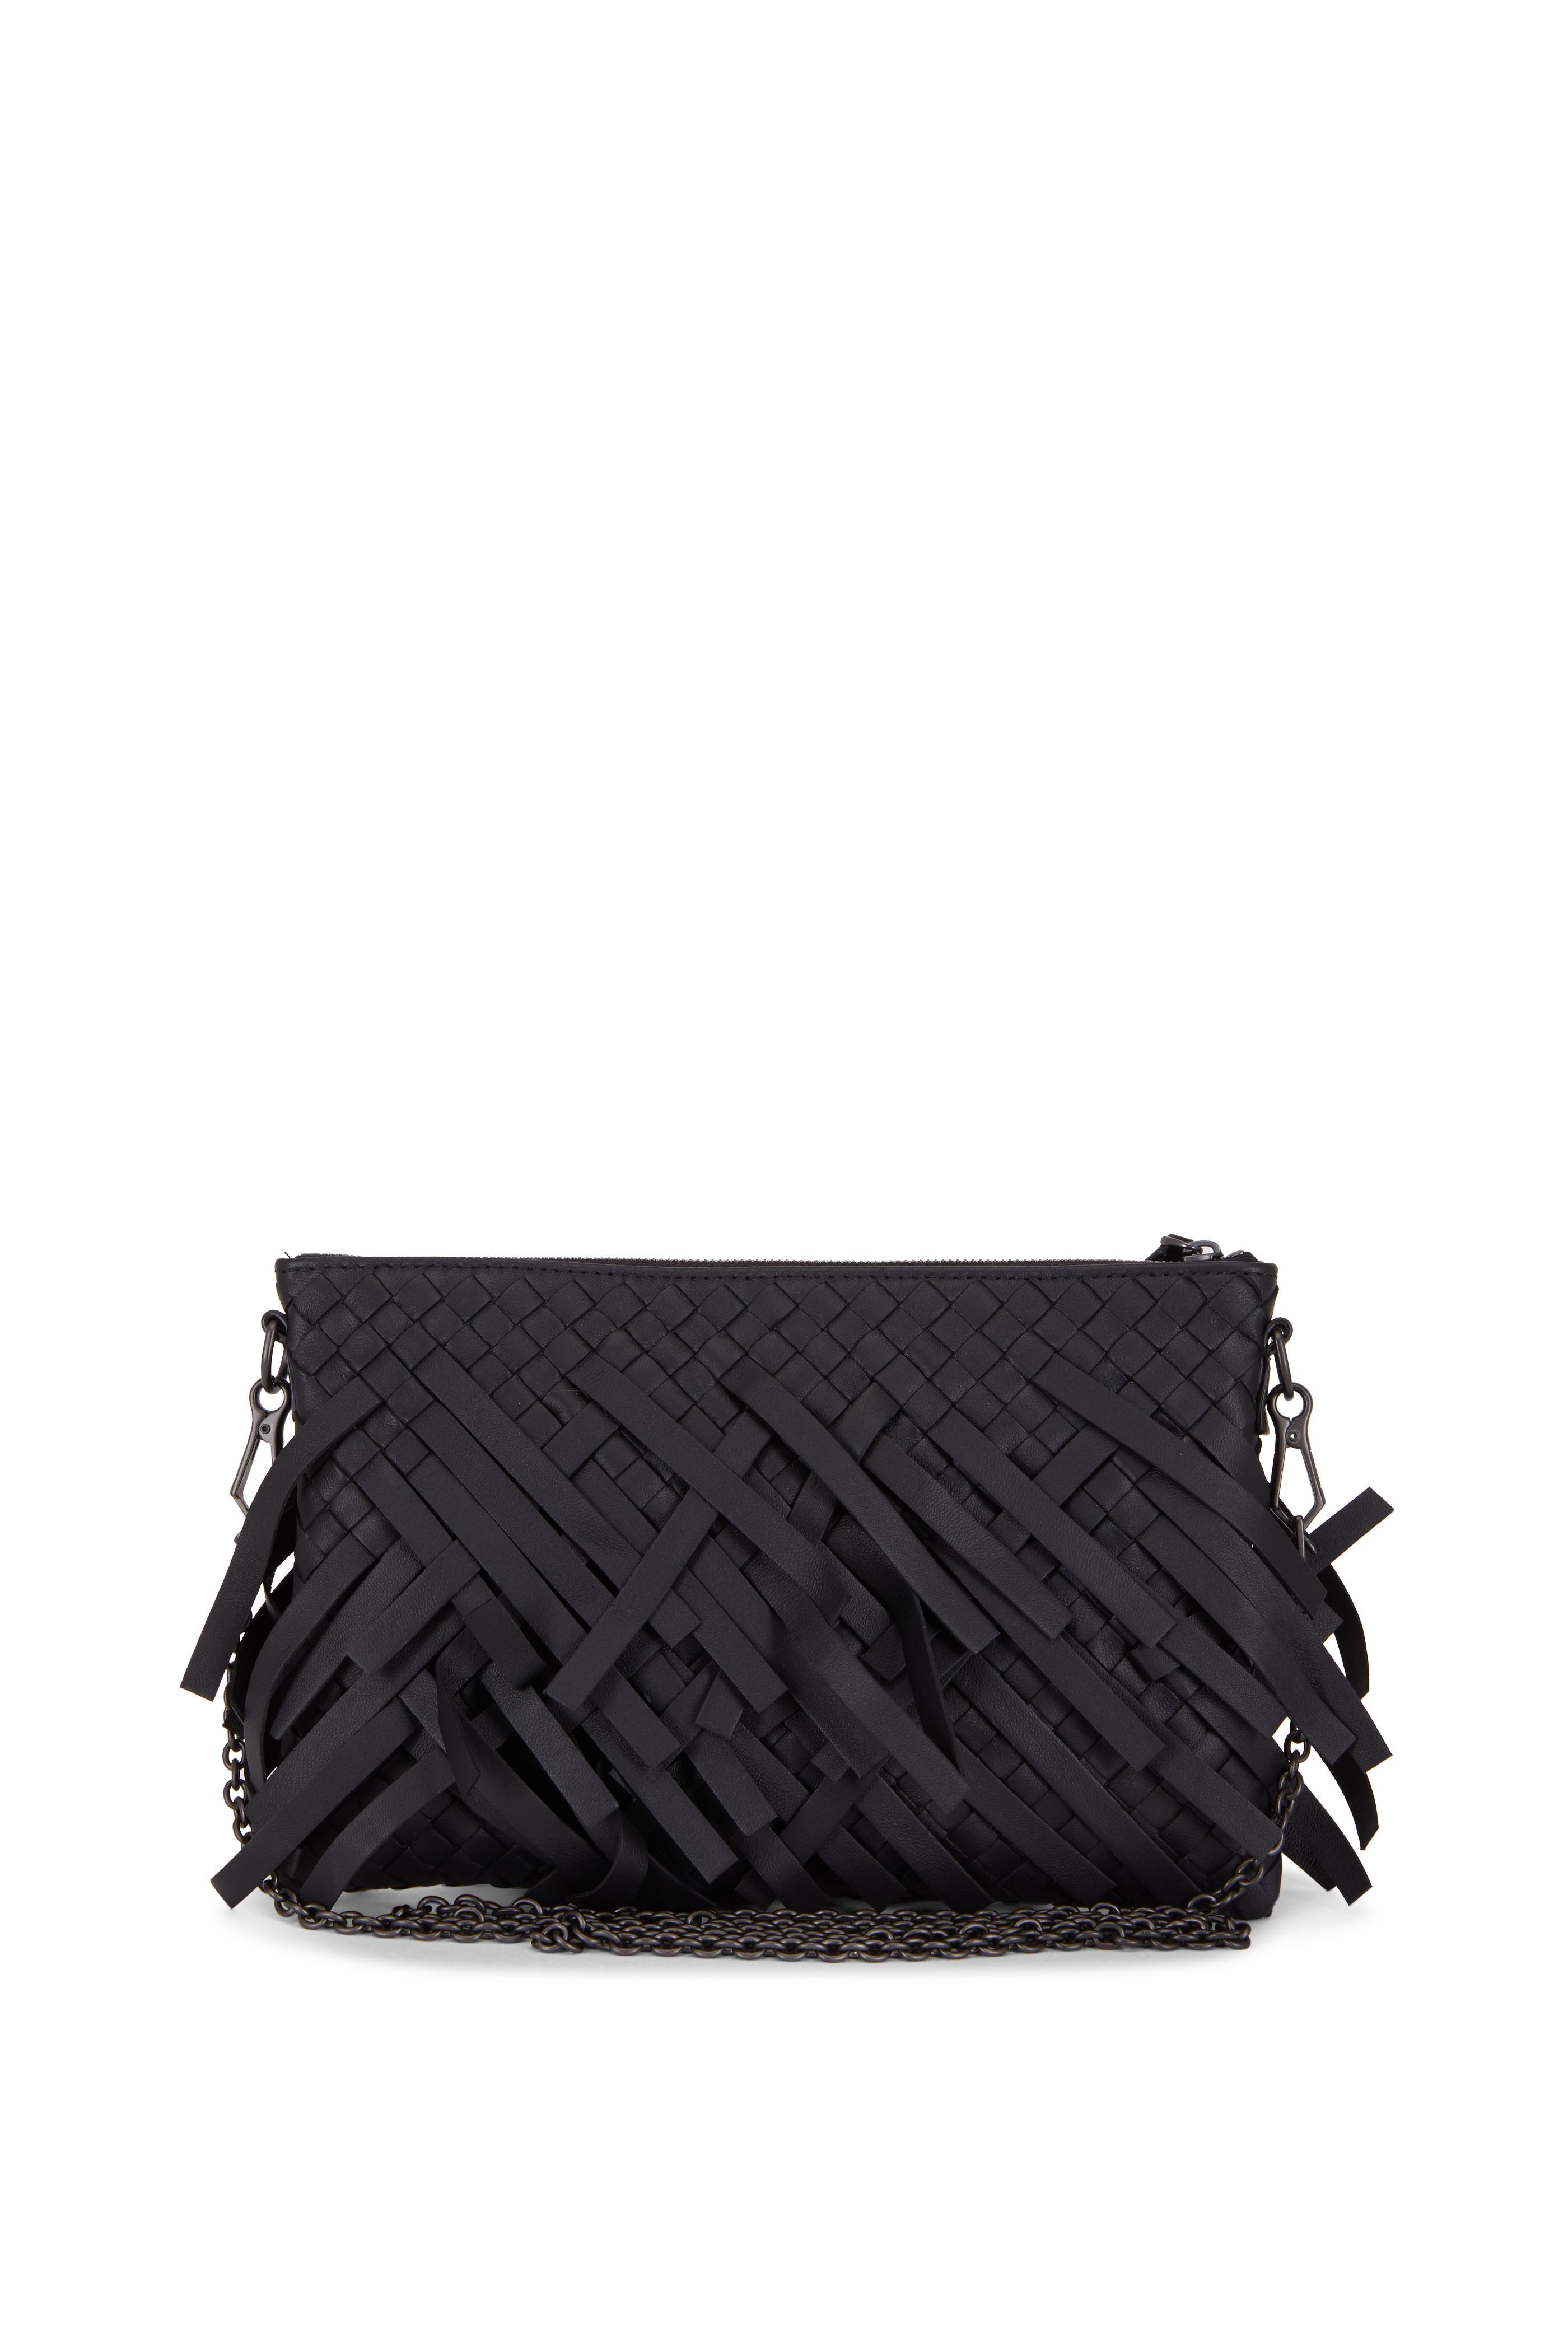 cf45886db313 Bottega Veneta - Black Intrecciato Leather Fringe Crossbody ...